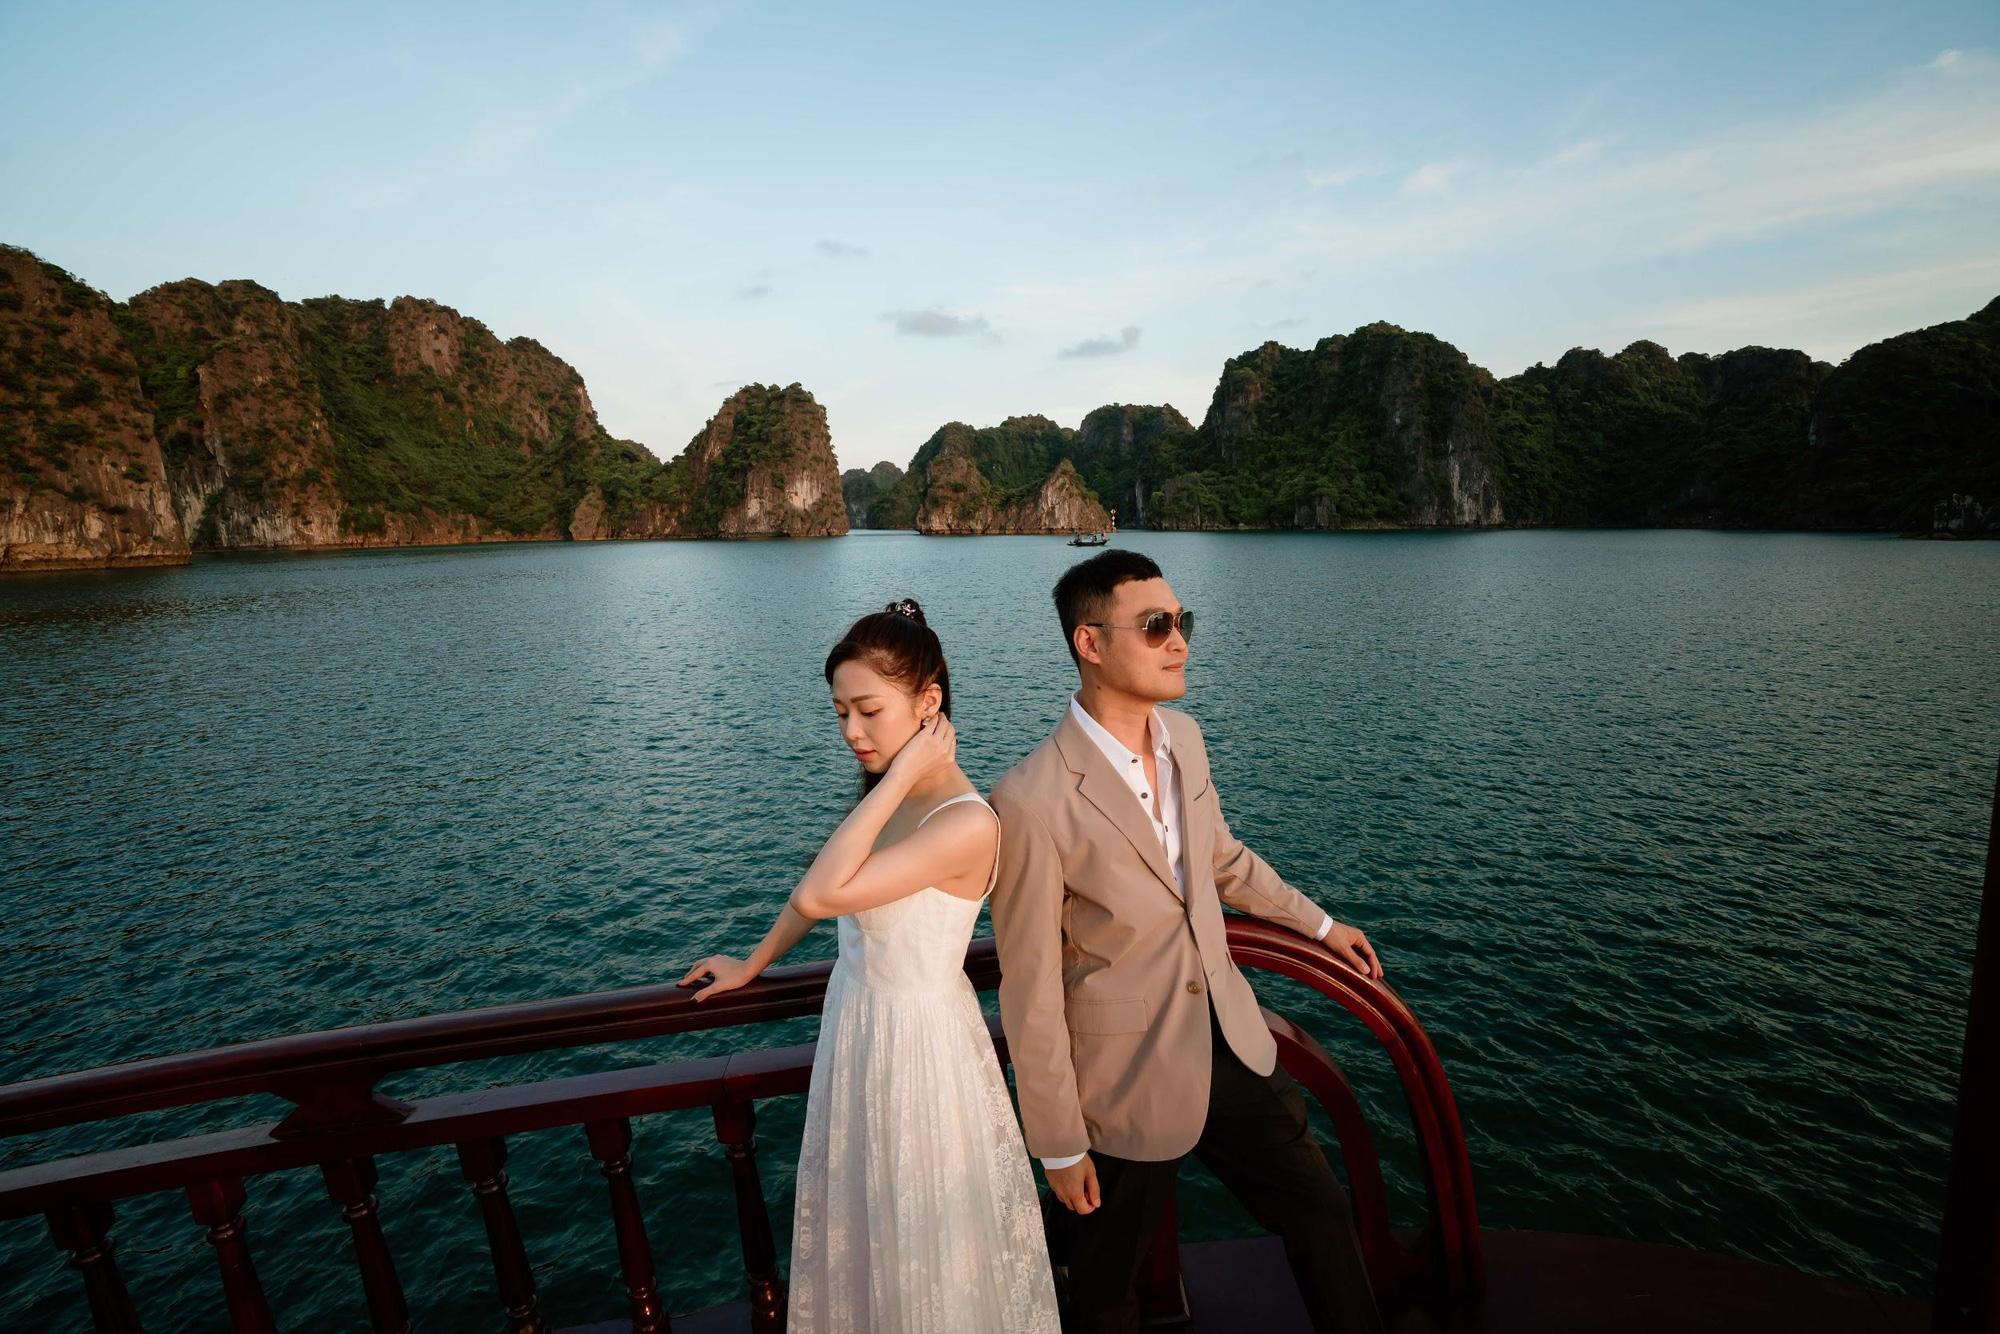 Hạ Long bình thường đã đẹp, nay lại càng lộng lẫy hơn qua những thước phim Quang Vinh Đi Việt Nam! - Ảnh 8.